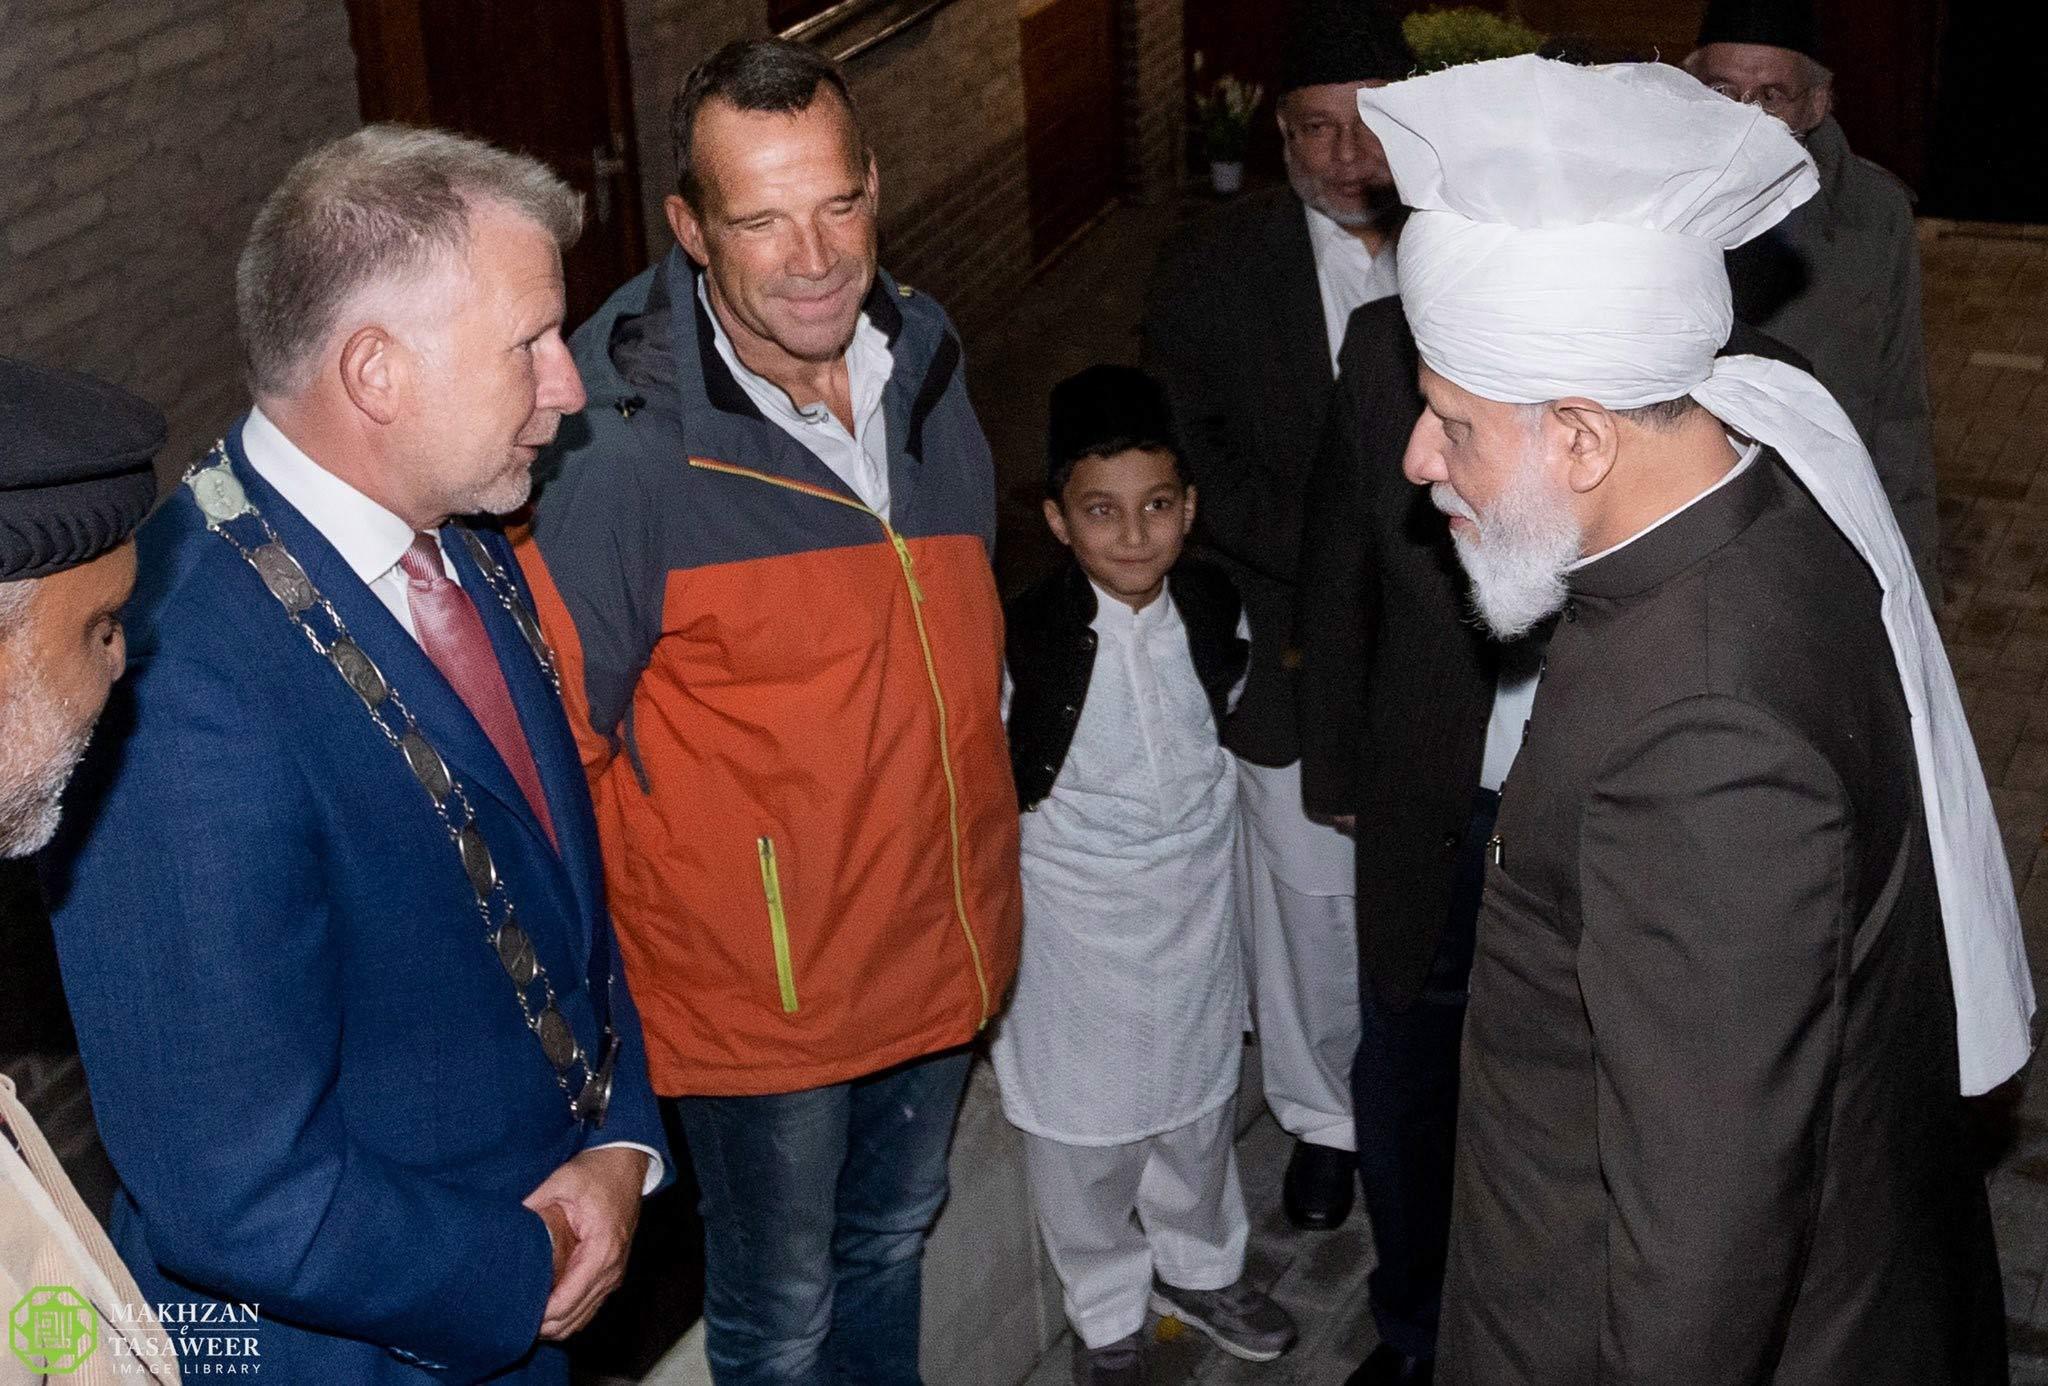 ислам ыйман дин голландия мечит мусулман халифат халифа